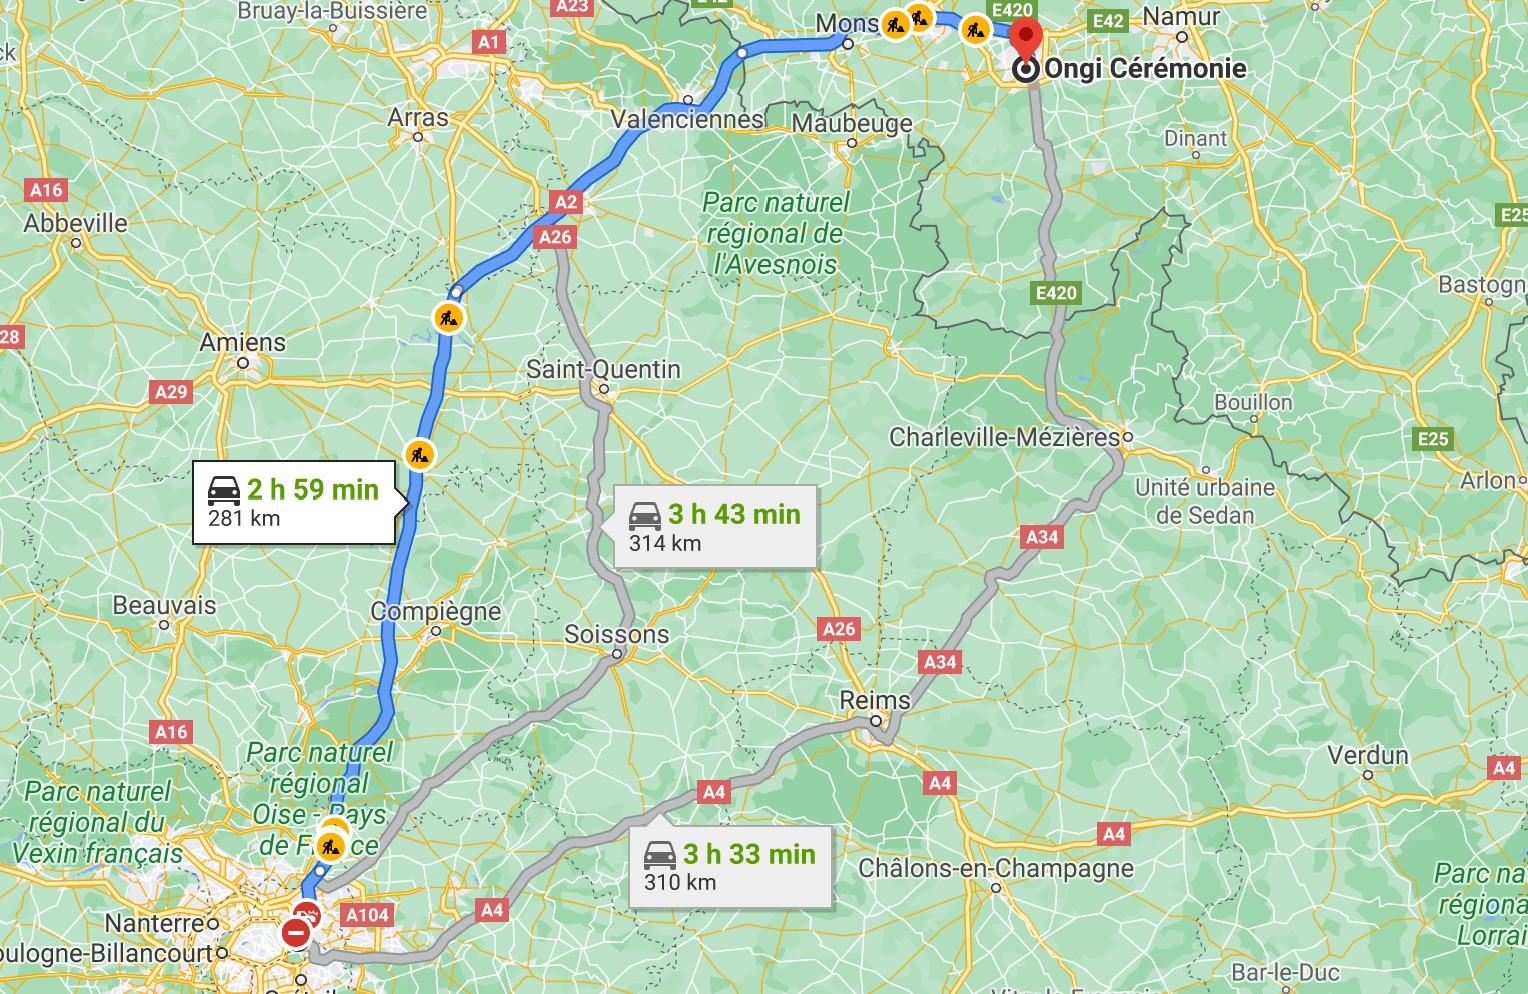 itinéraire de Montreuil à Ongi-ceremonie